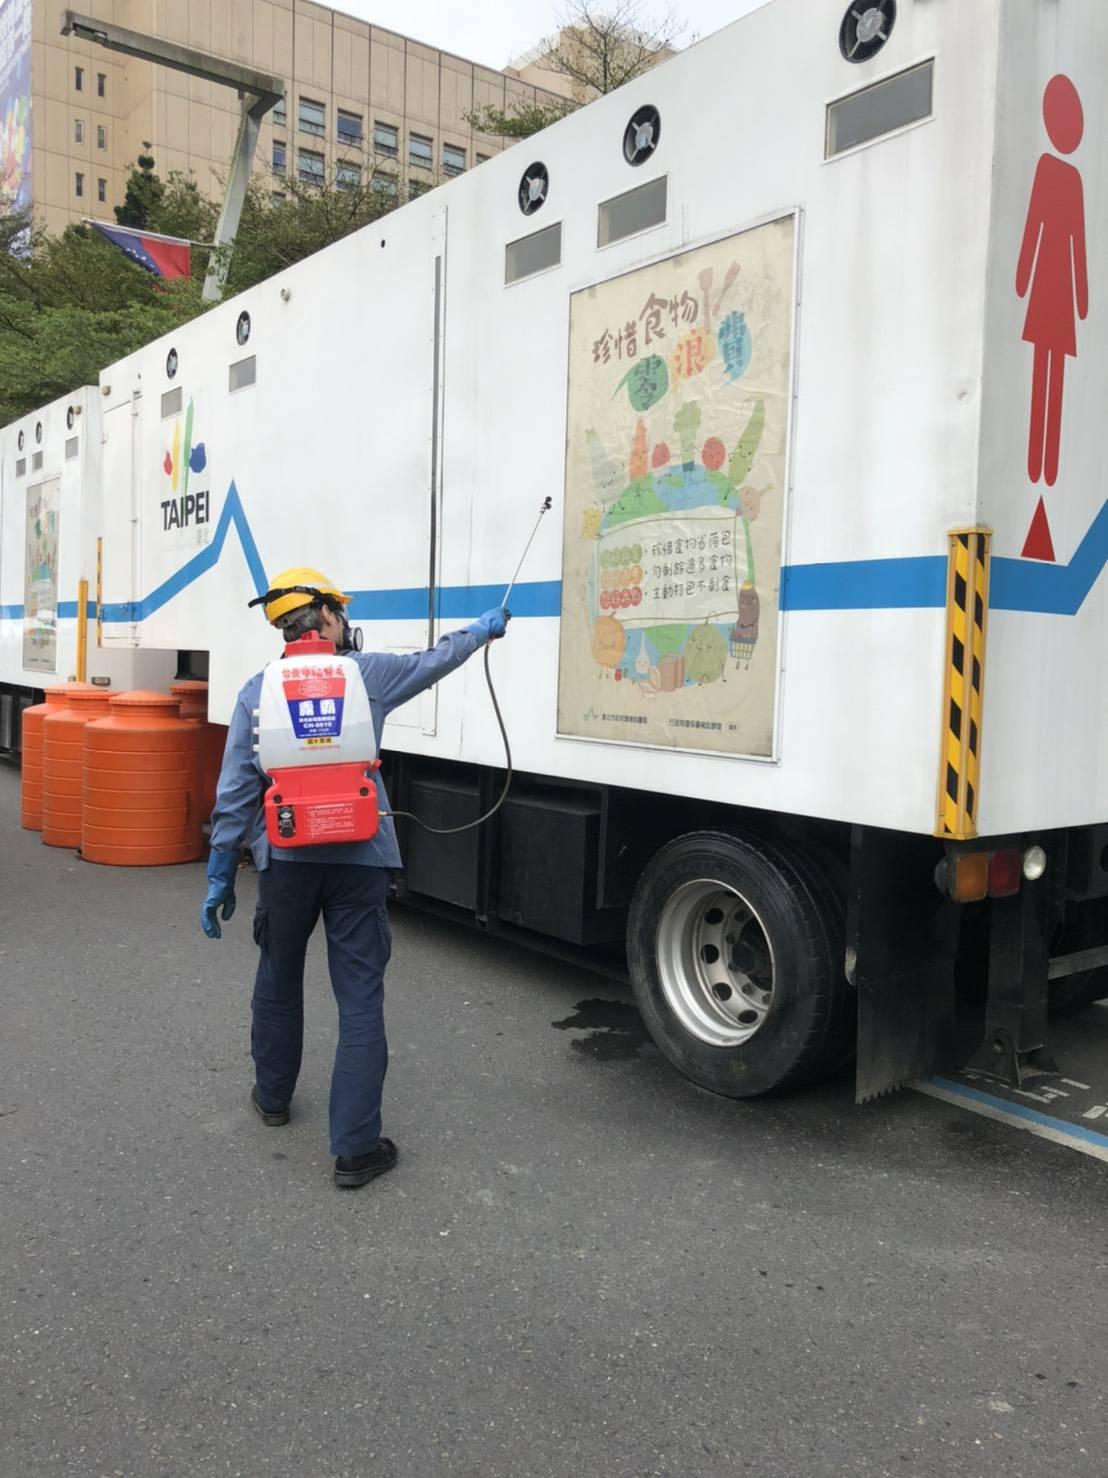 臺北跨年晚會現場加強消毒頻率,讓與會民眾能放心參加。